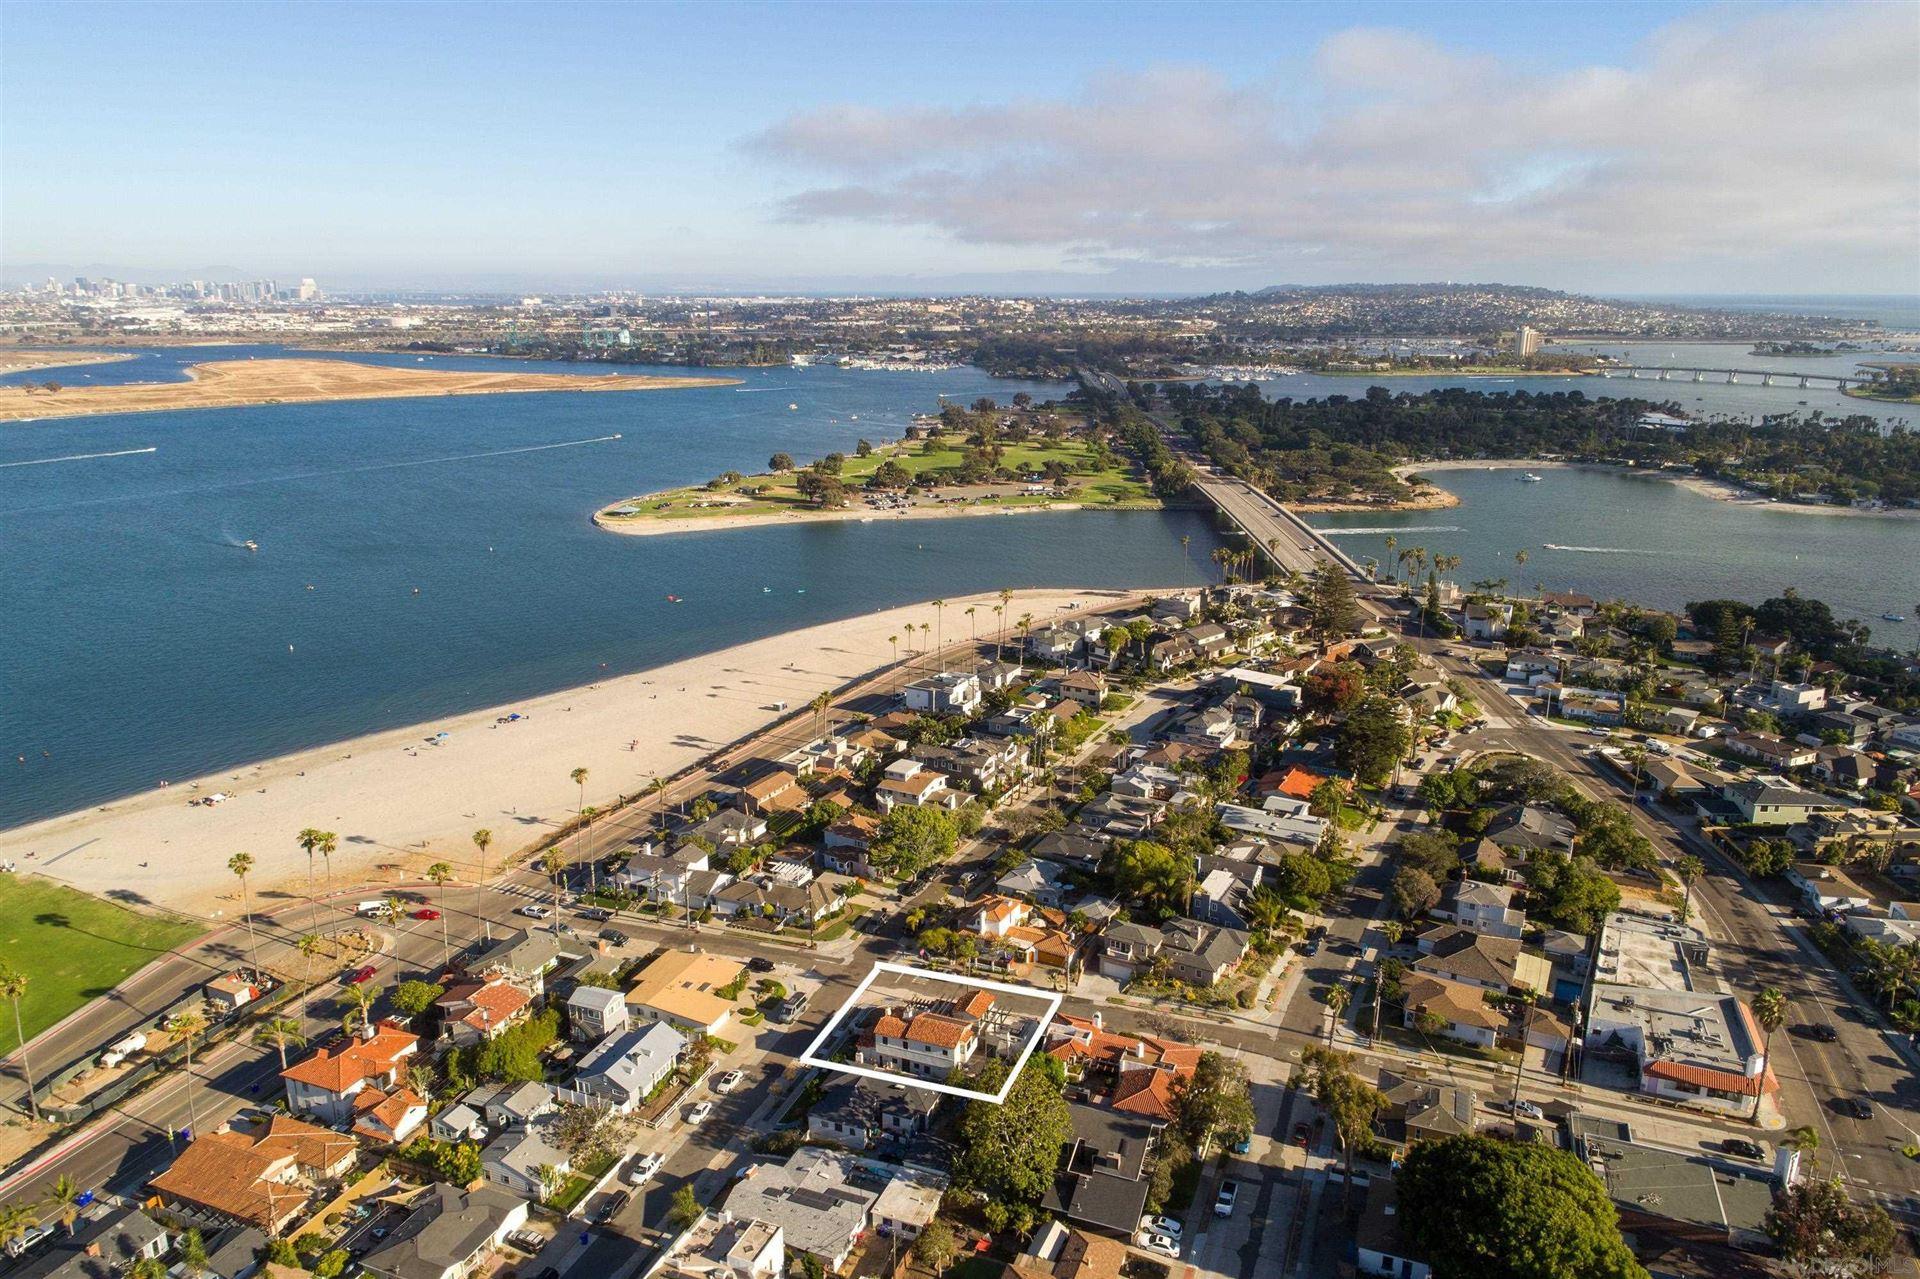 Photo of 3500 Jewell St, San Diego, CA 92109 (MLS # 210023513)